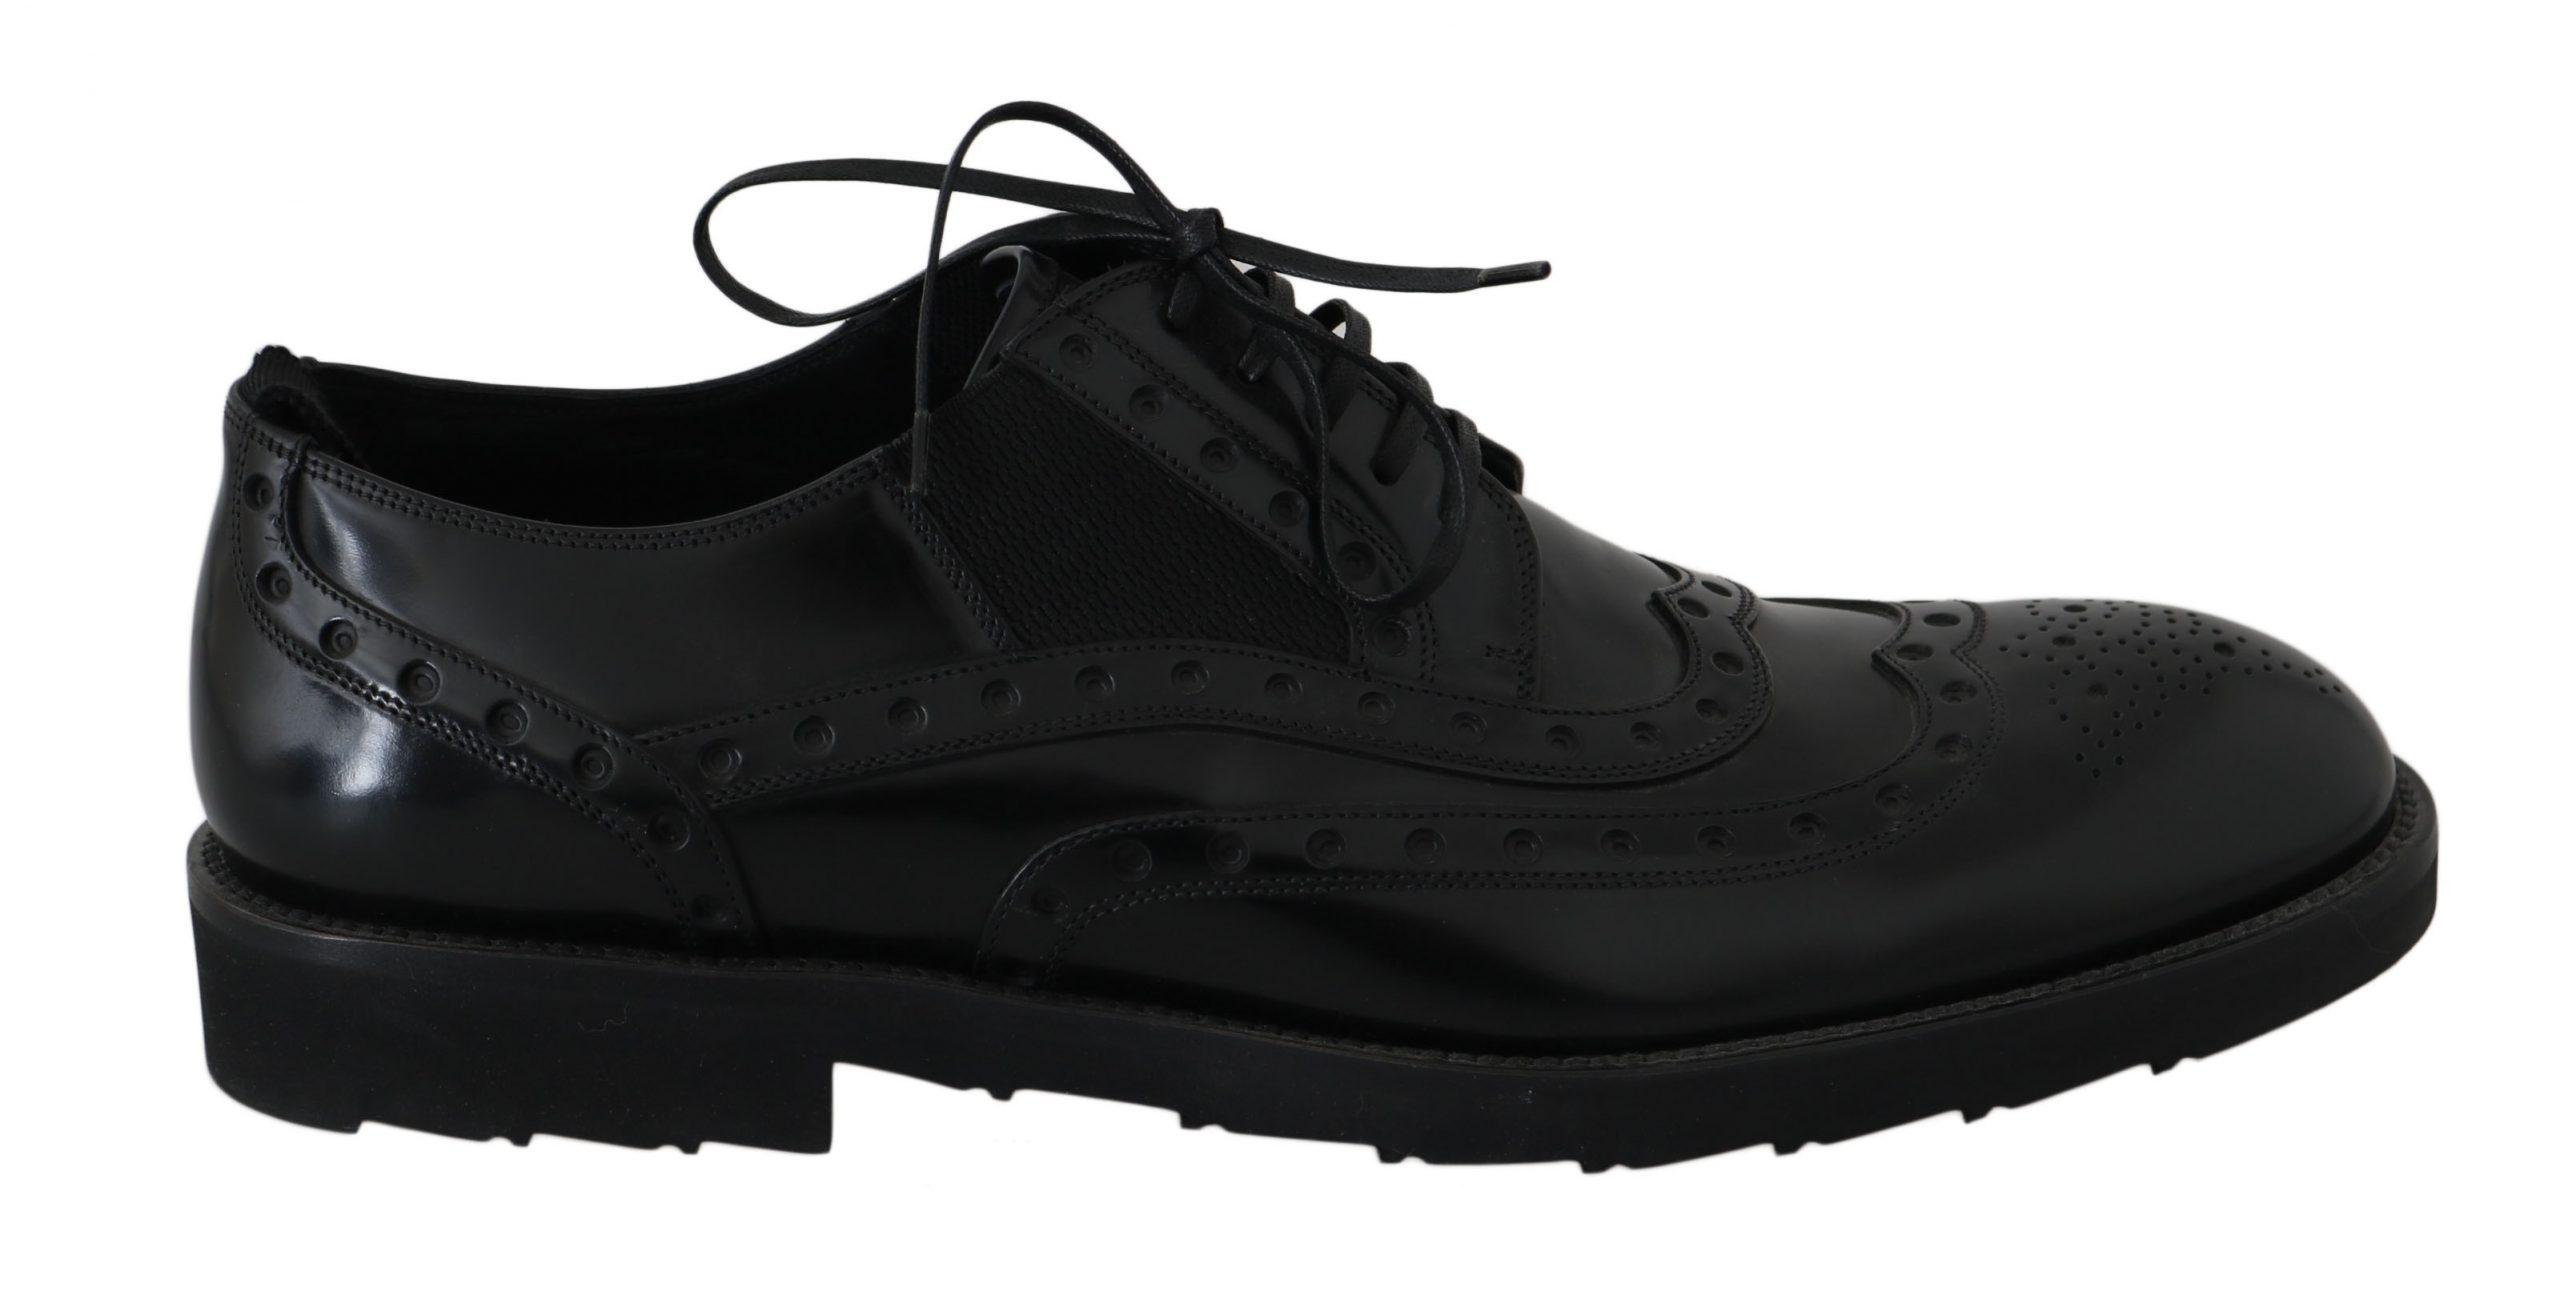 Dolce & Gabbana Men's Shoes Black MV2337 - EU39/US6